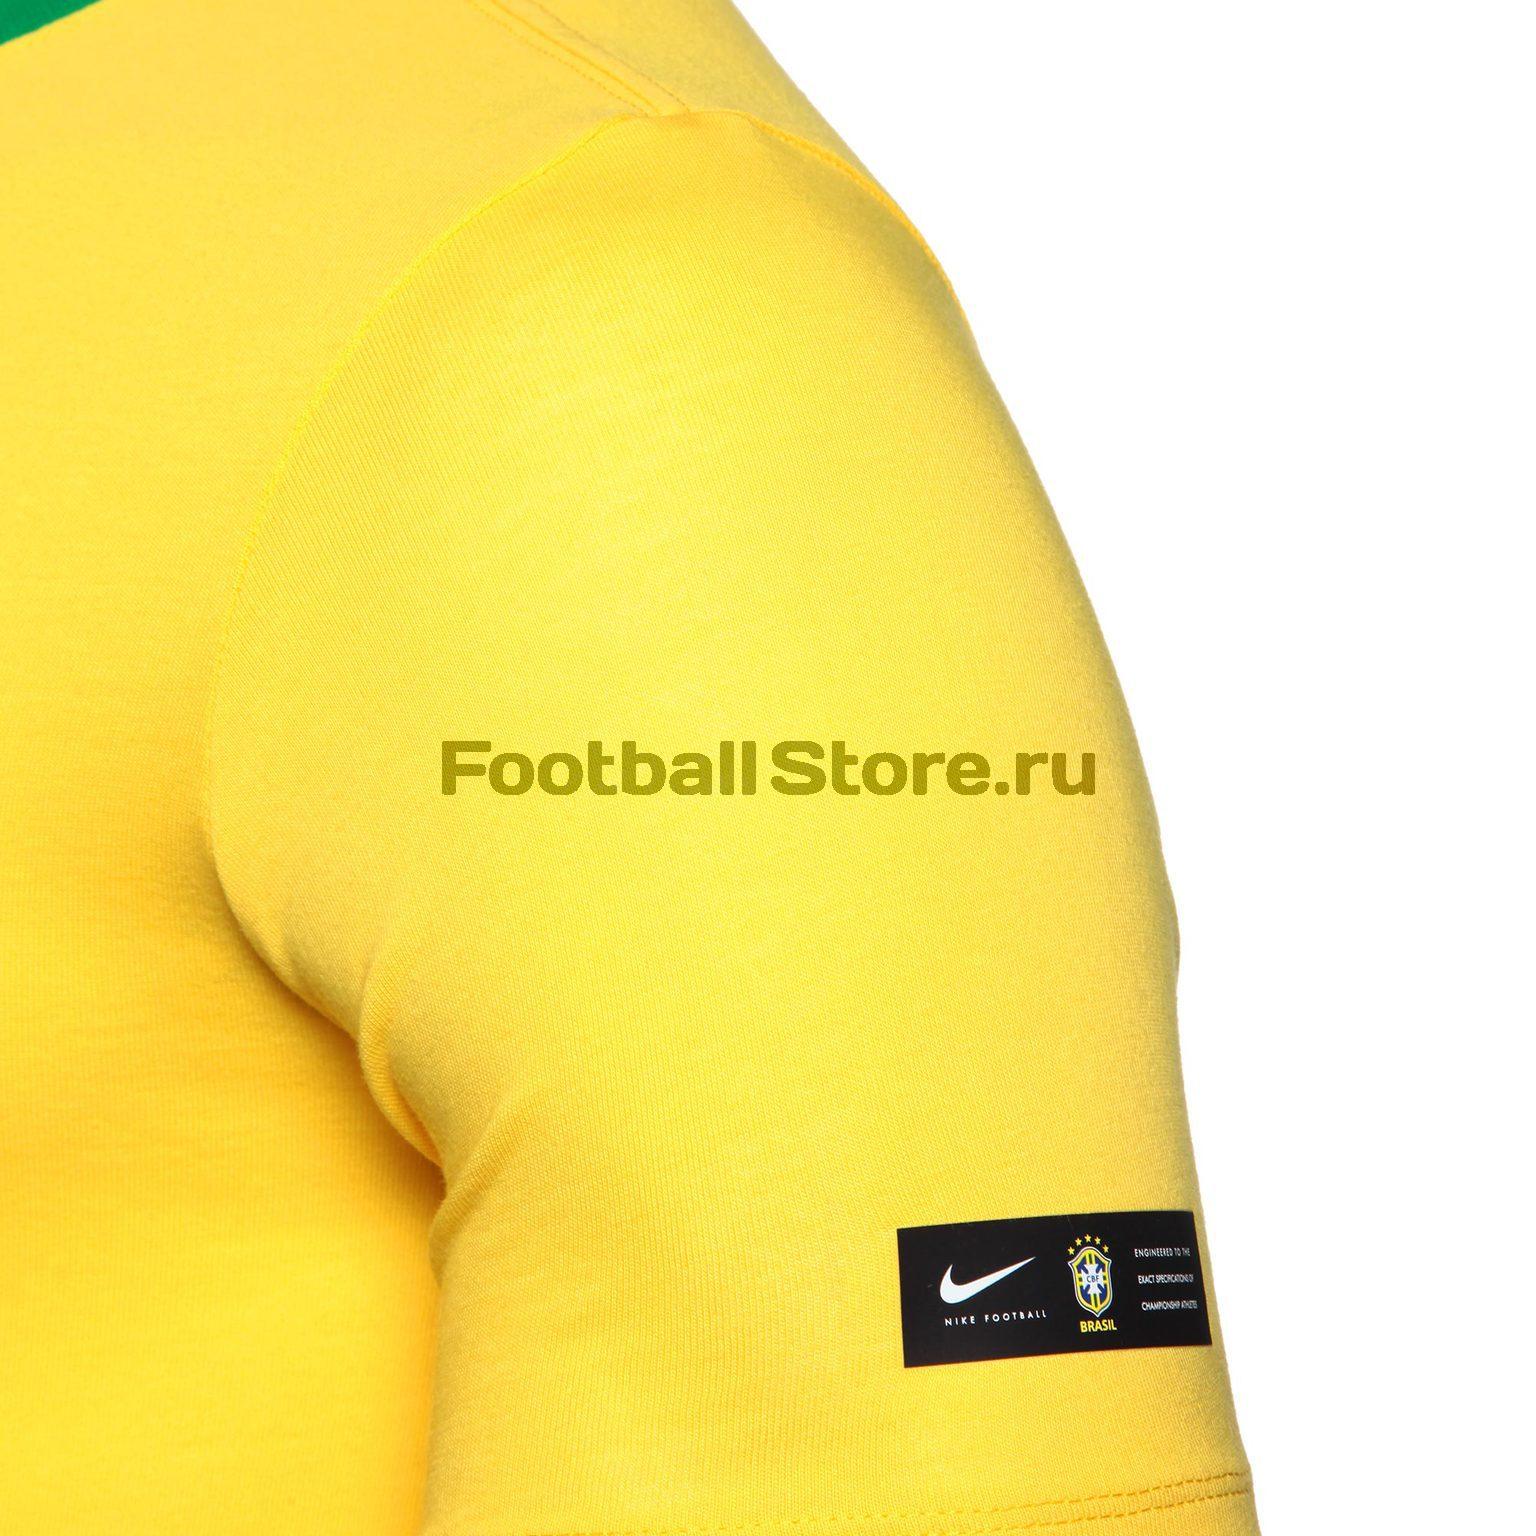 Футболка Nike сборной Бразилии 888320-749 – купить в интернет ... b9f3c1b370c